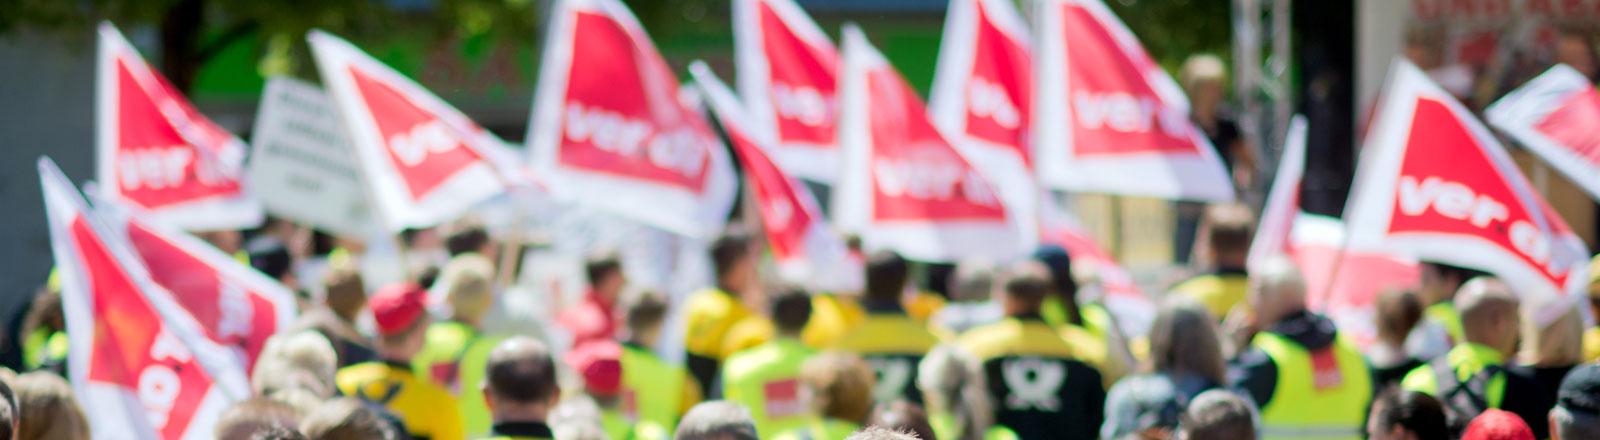 Gewerkschaftsmitglieder von Verdi streiken.